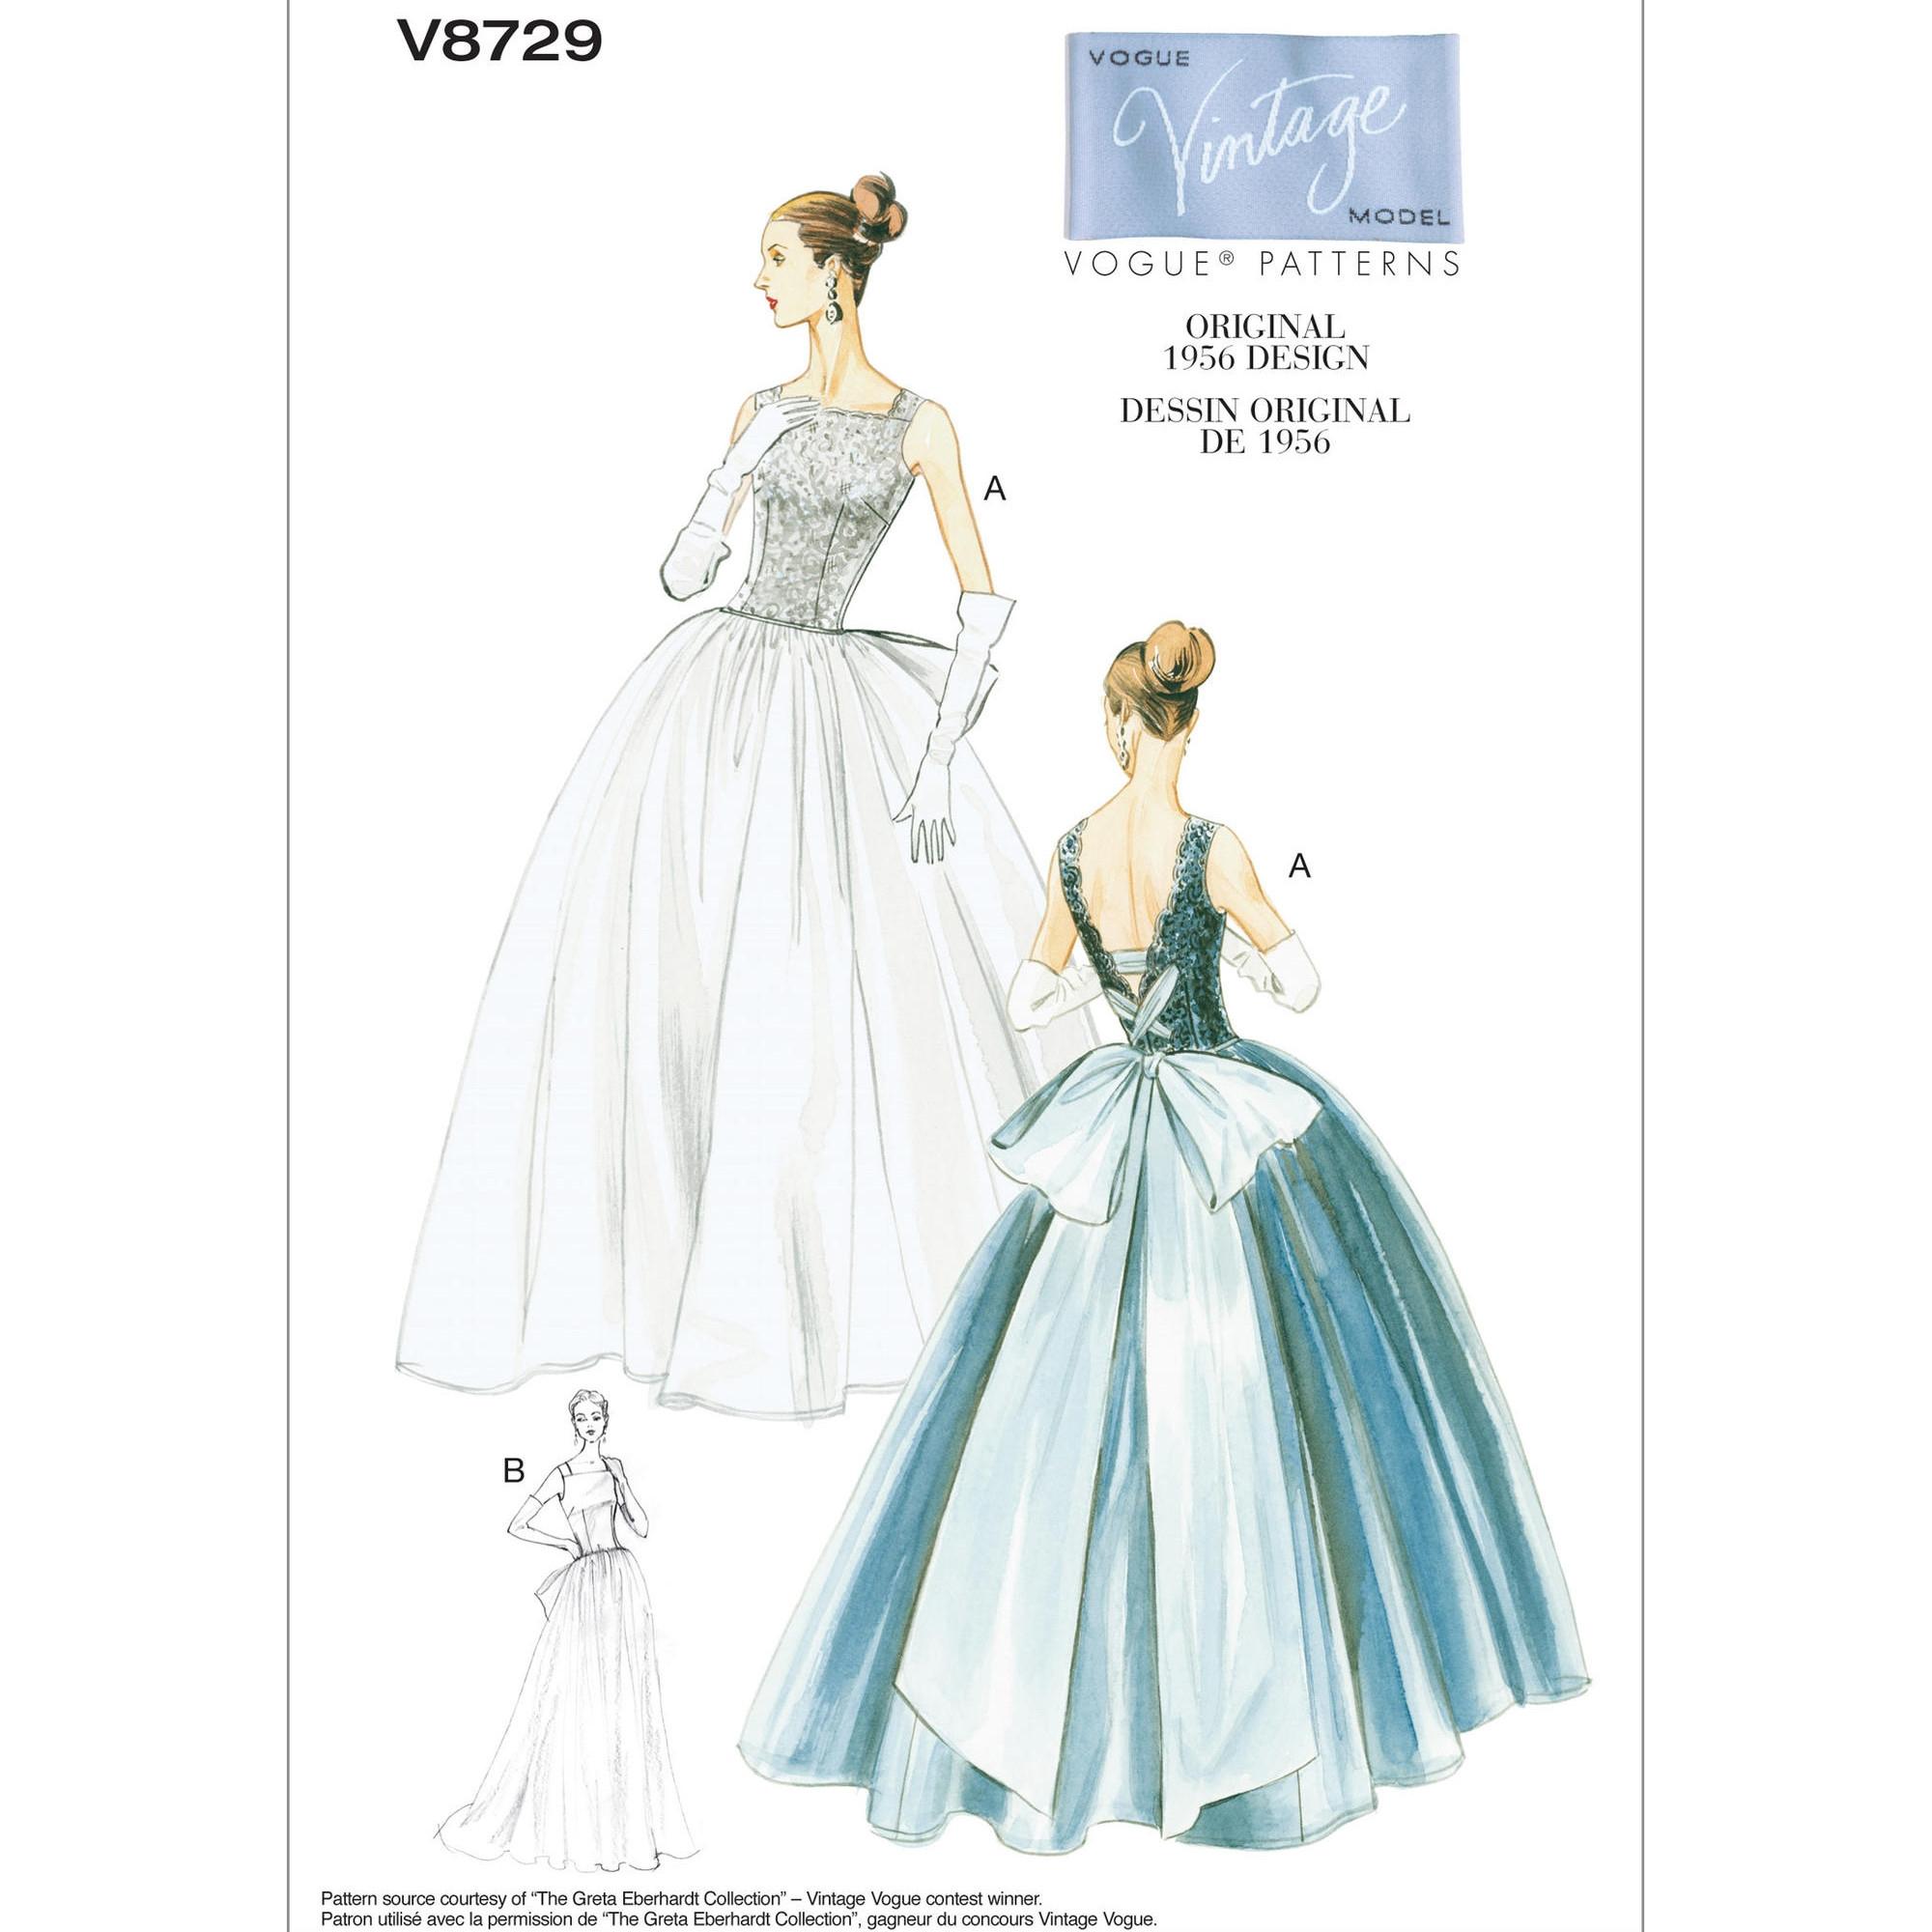 Rokoko Burda Schnittmuster – Stilvolle Fjk1ltc Kleid Jugendkleidung KJc3TF1l